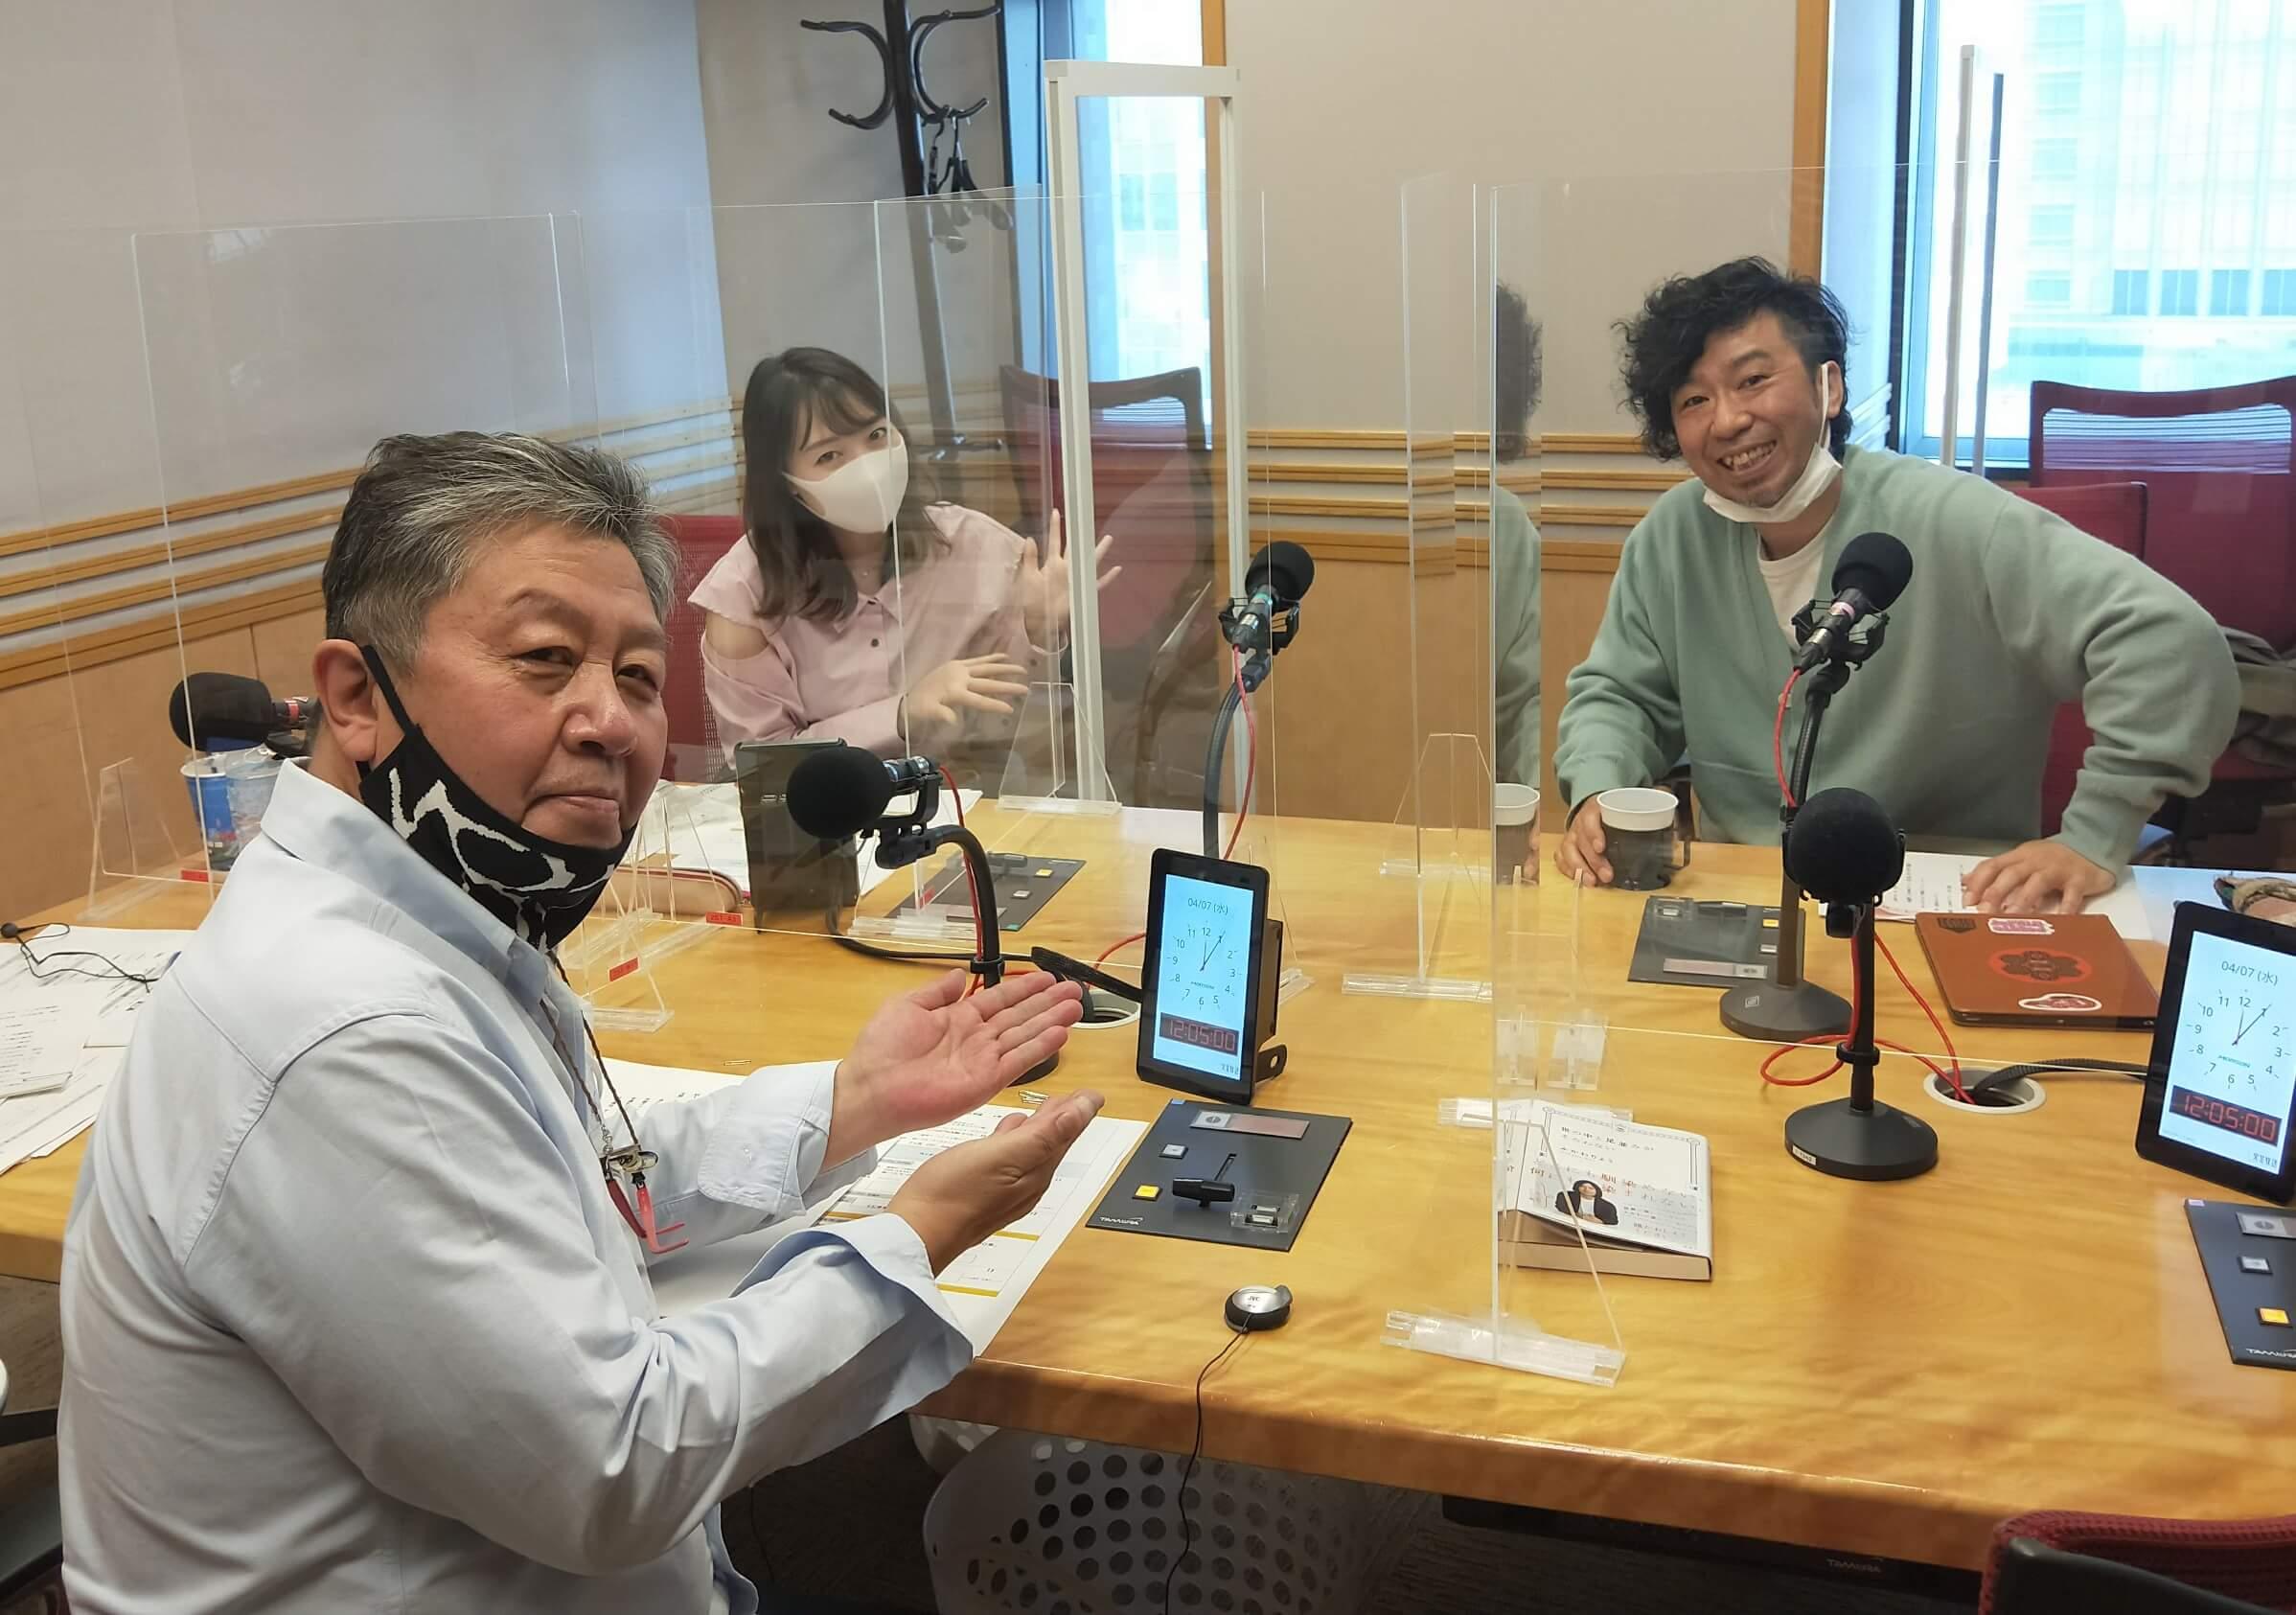 洋楽ジャパンX サンコンjr.「こいつのドラムを聞いてくれ!2021」(2021年4月7日放送)